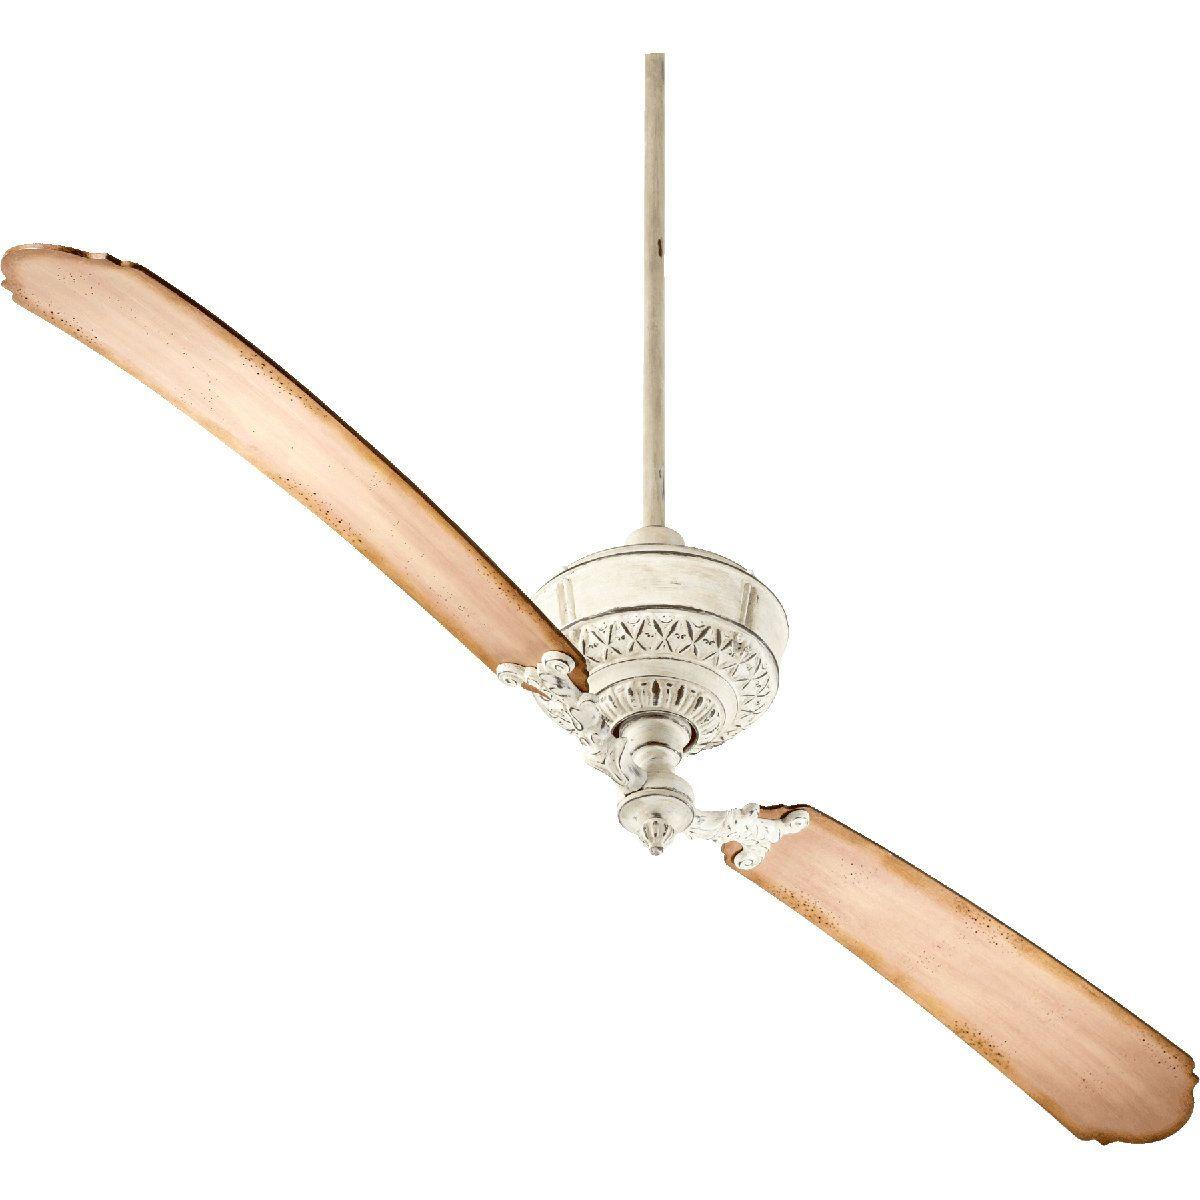 68 Vintage Double Bladed Ceiling Fan Ceiling Fan Vintage Ceiling Fan Living Room Ceiling Fan